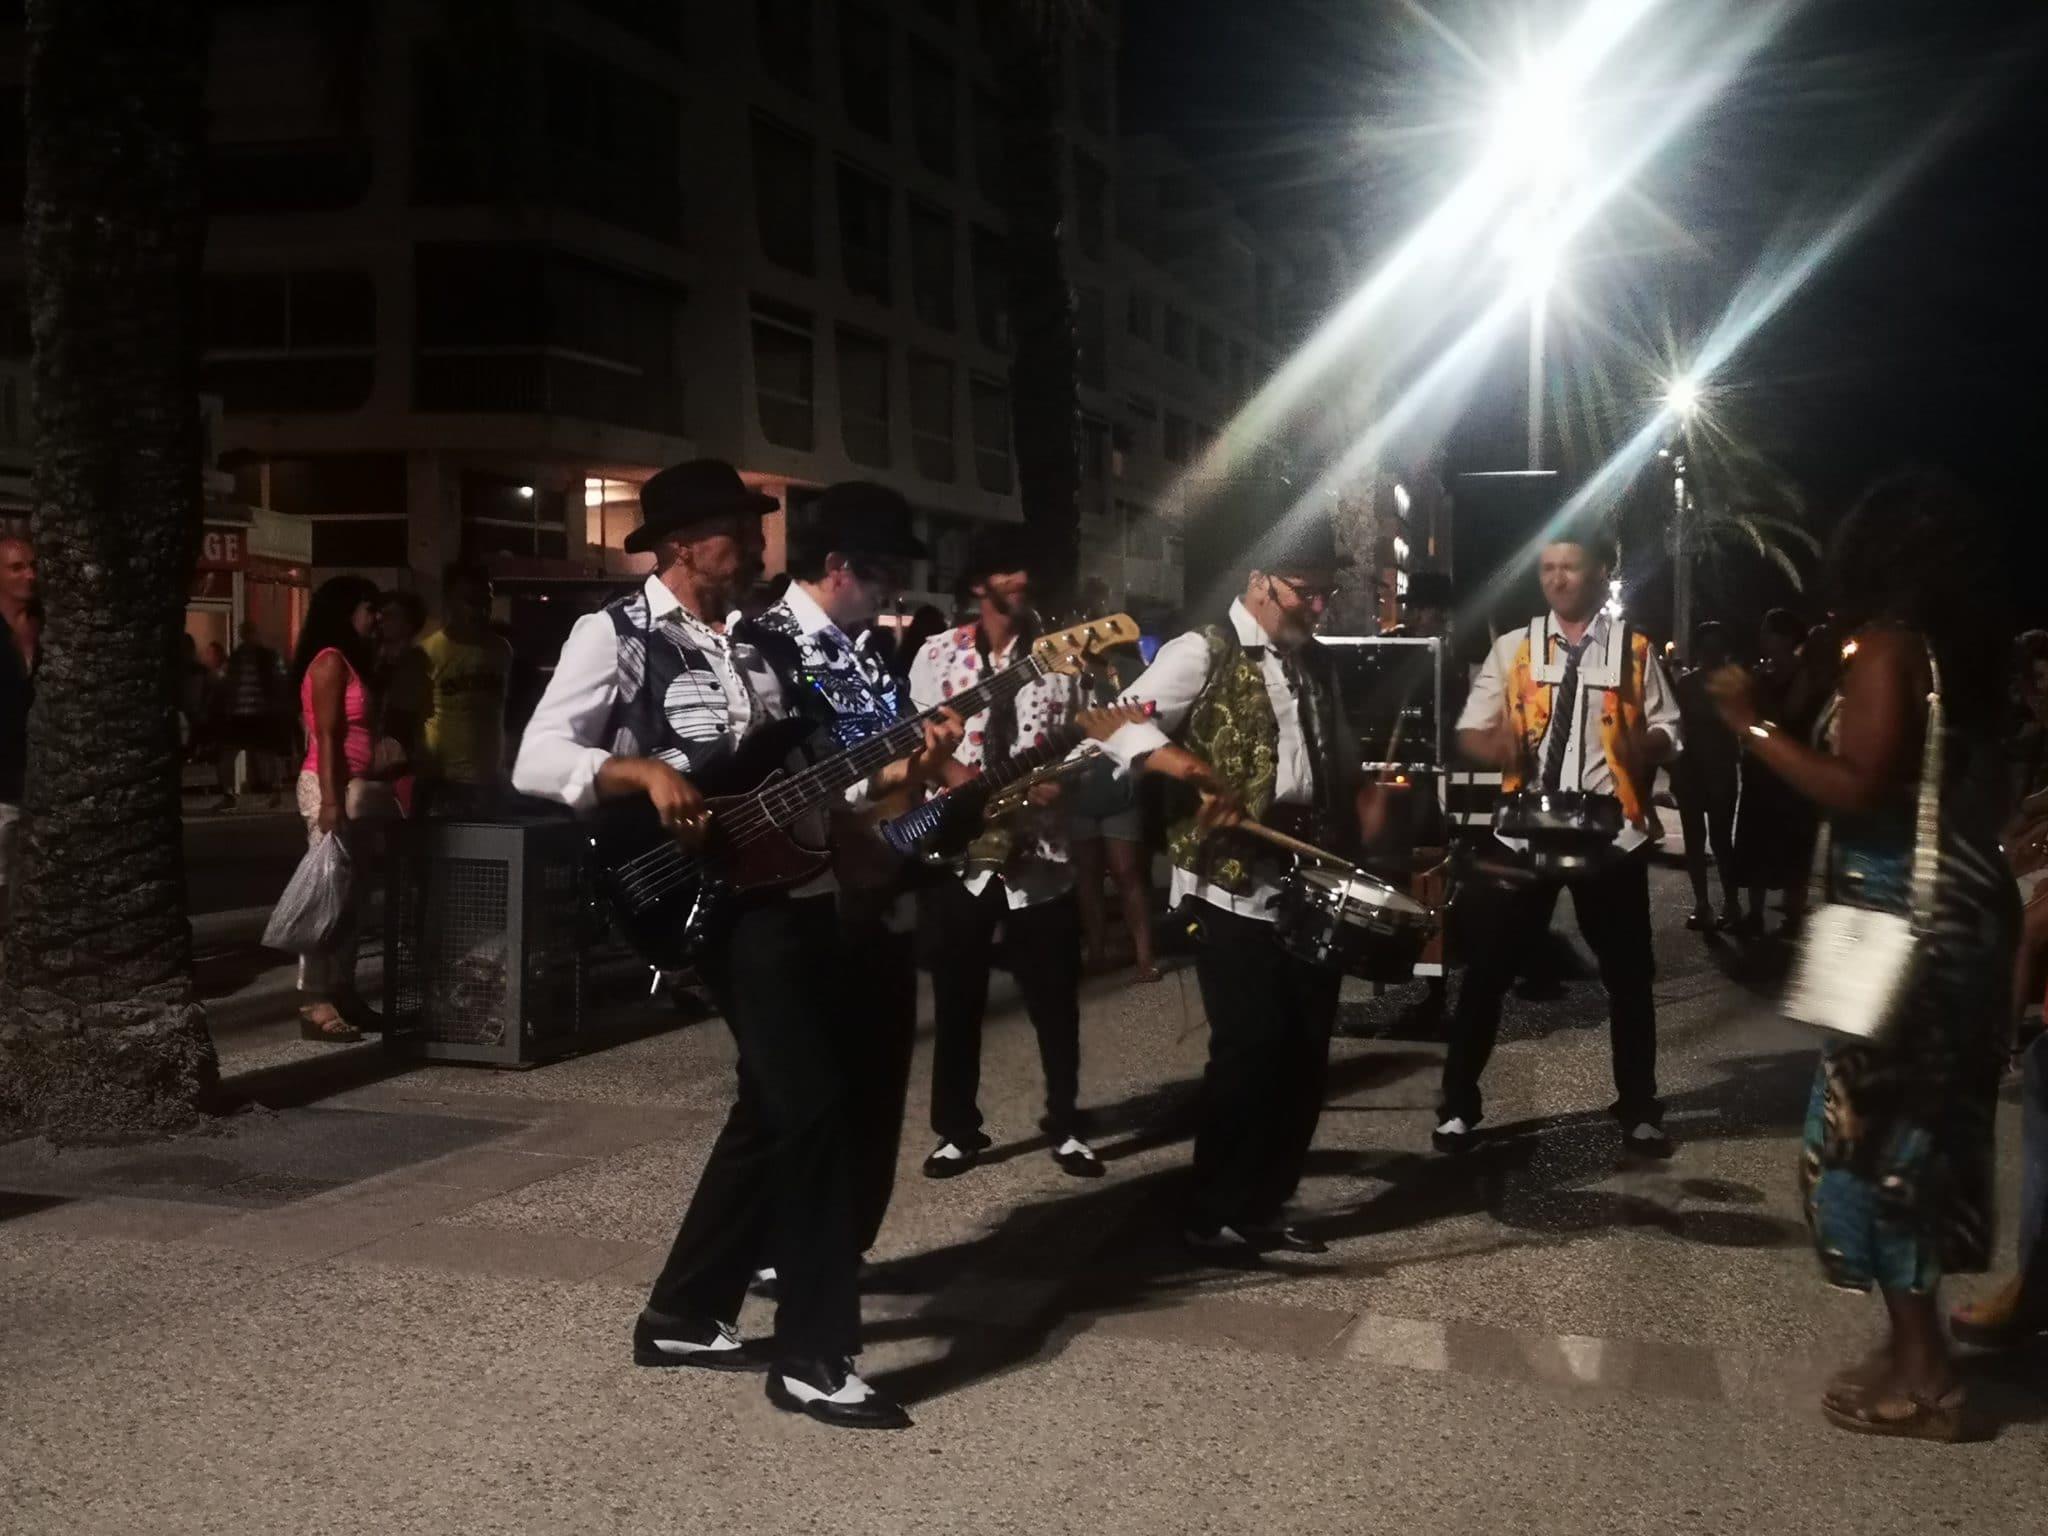 Compagnie, Orchestre de rue Cartoon Show : Fanfare électrique Les gentlemen